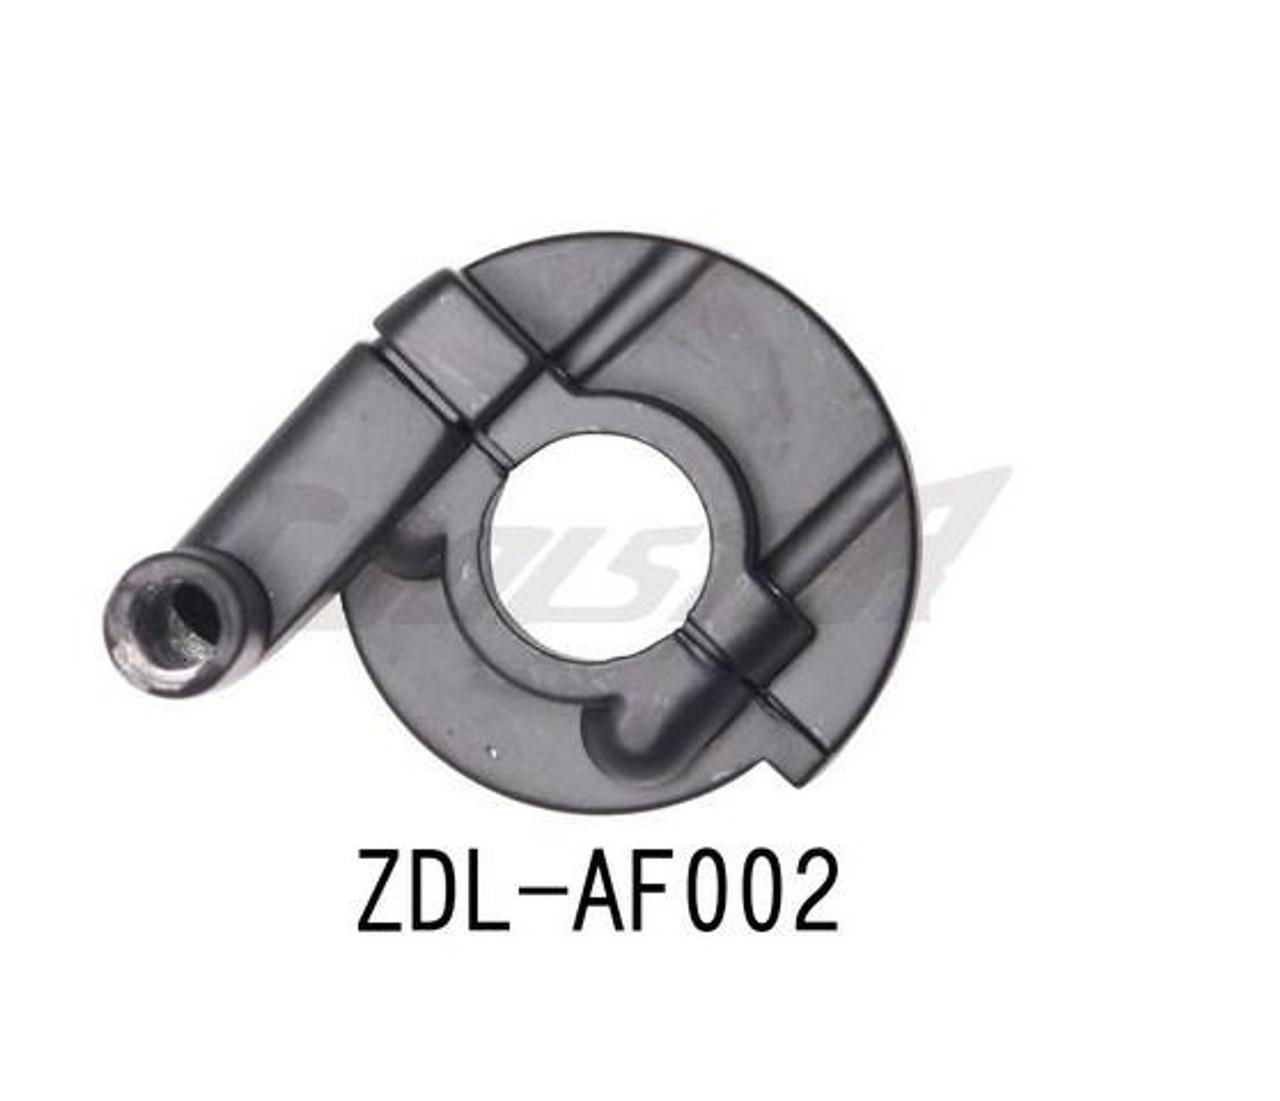 THROTTLE CASING 214 (TCS-2) (ZDL-AF002)